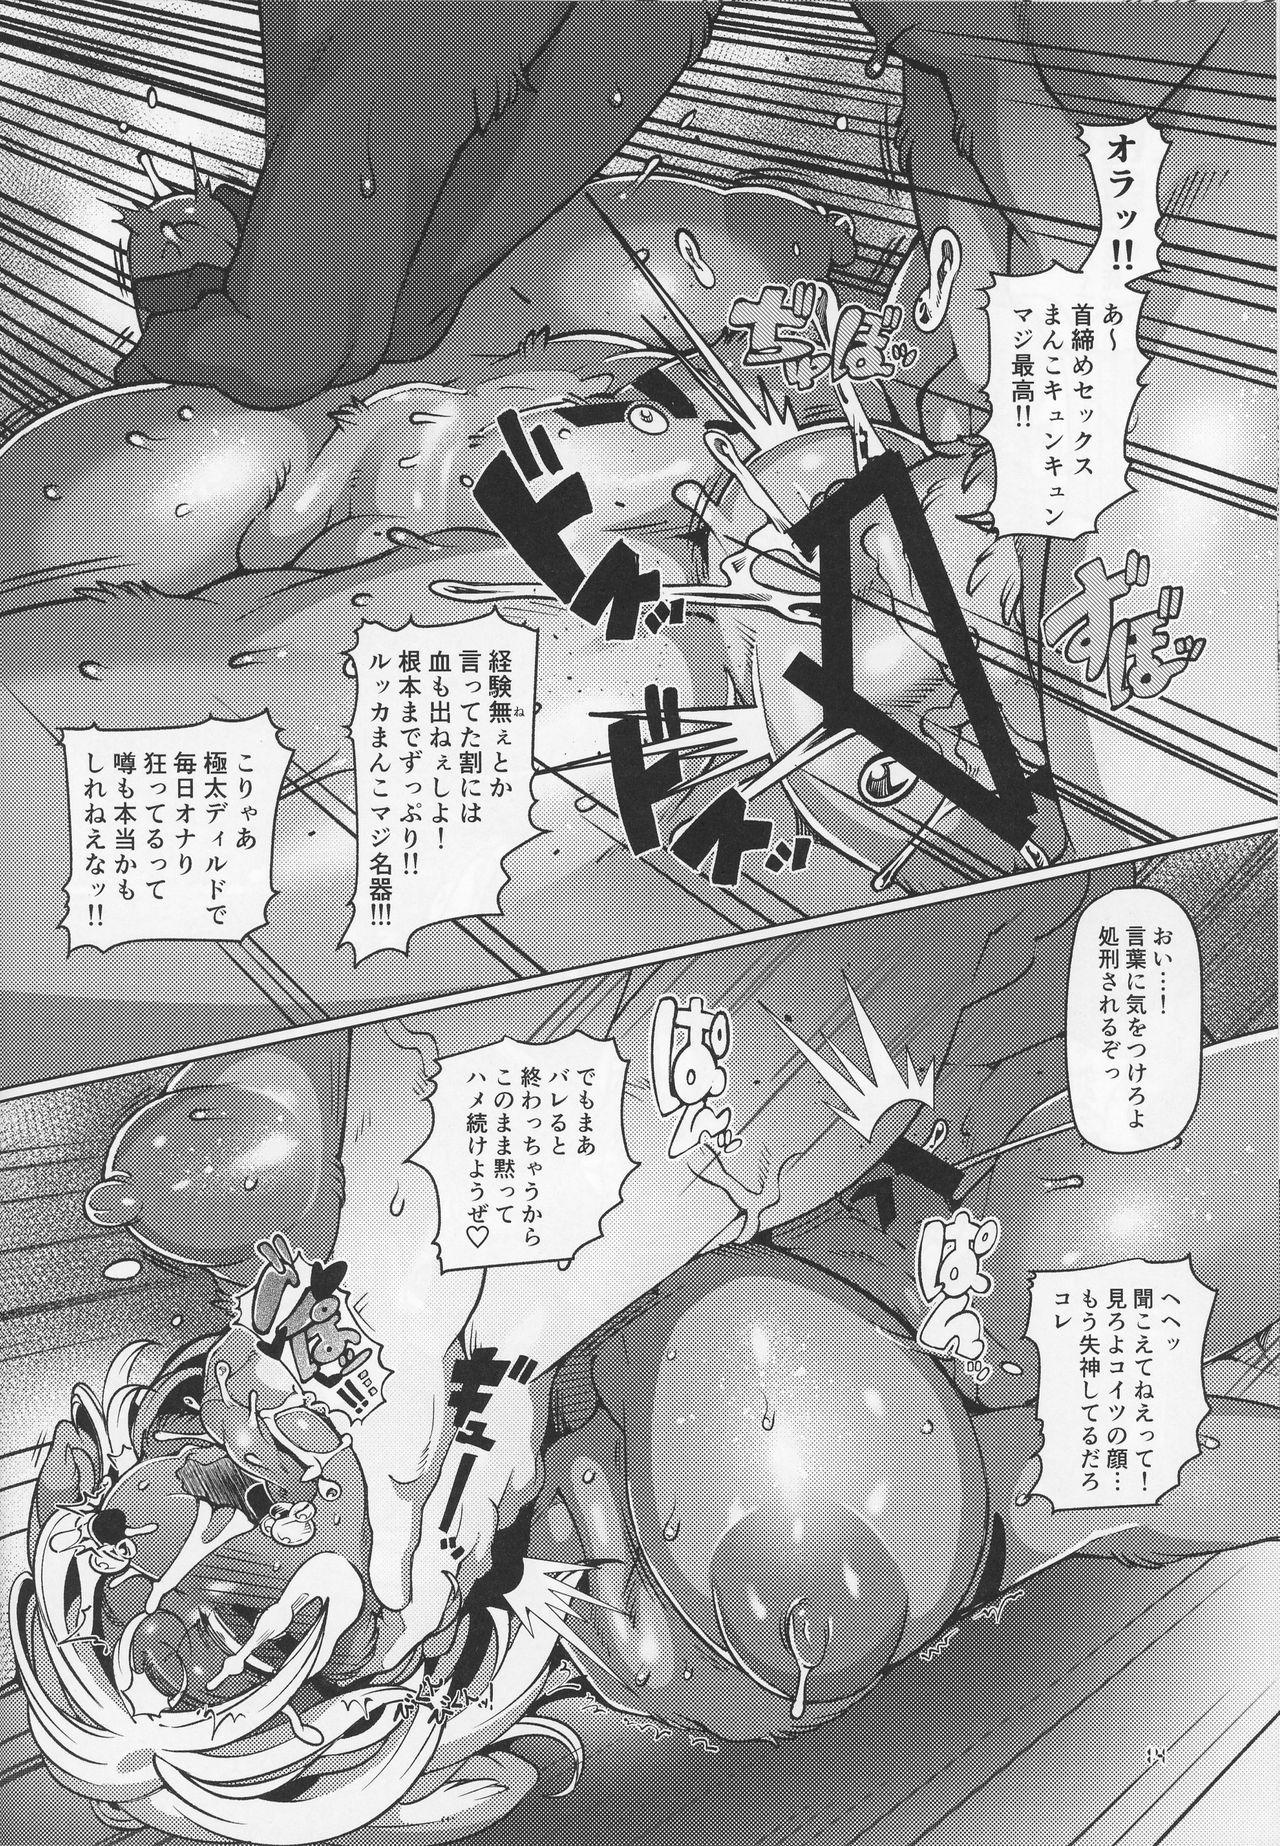 【エロ漫画・エロ同人】仲の悪い巨乳ケモナー双子がエッチな勝負してるンゴwひらすら乱交セックスして最後は同時イキで引き分けwww (14)